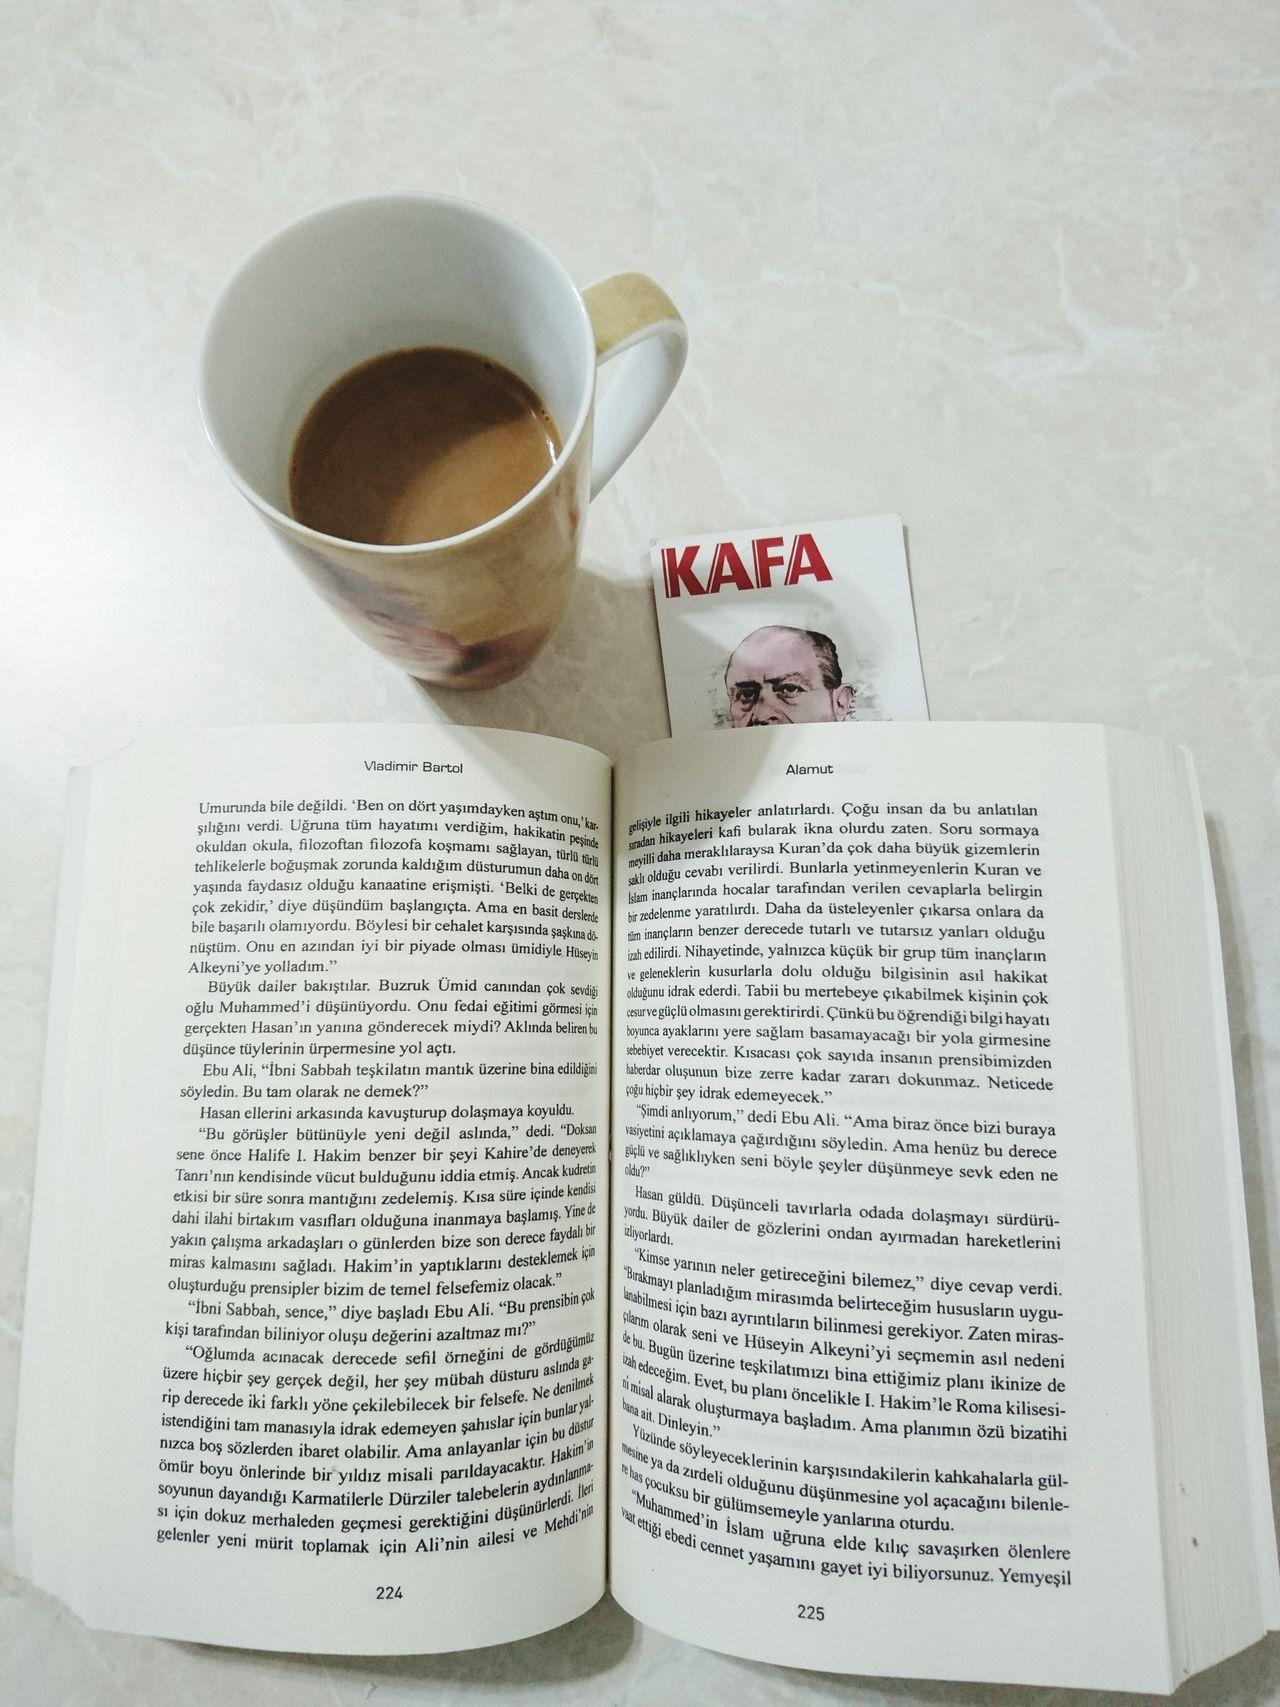 Alamut Vladimirbartol Kafadergisi Kitap Ahmedarif Kahve Coffee No People Indoors  Relax Time  Lieblingsteil EyeemTeam Relaxation